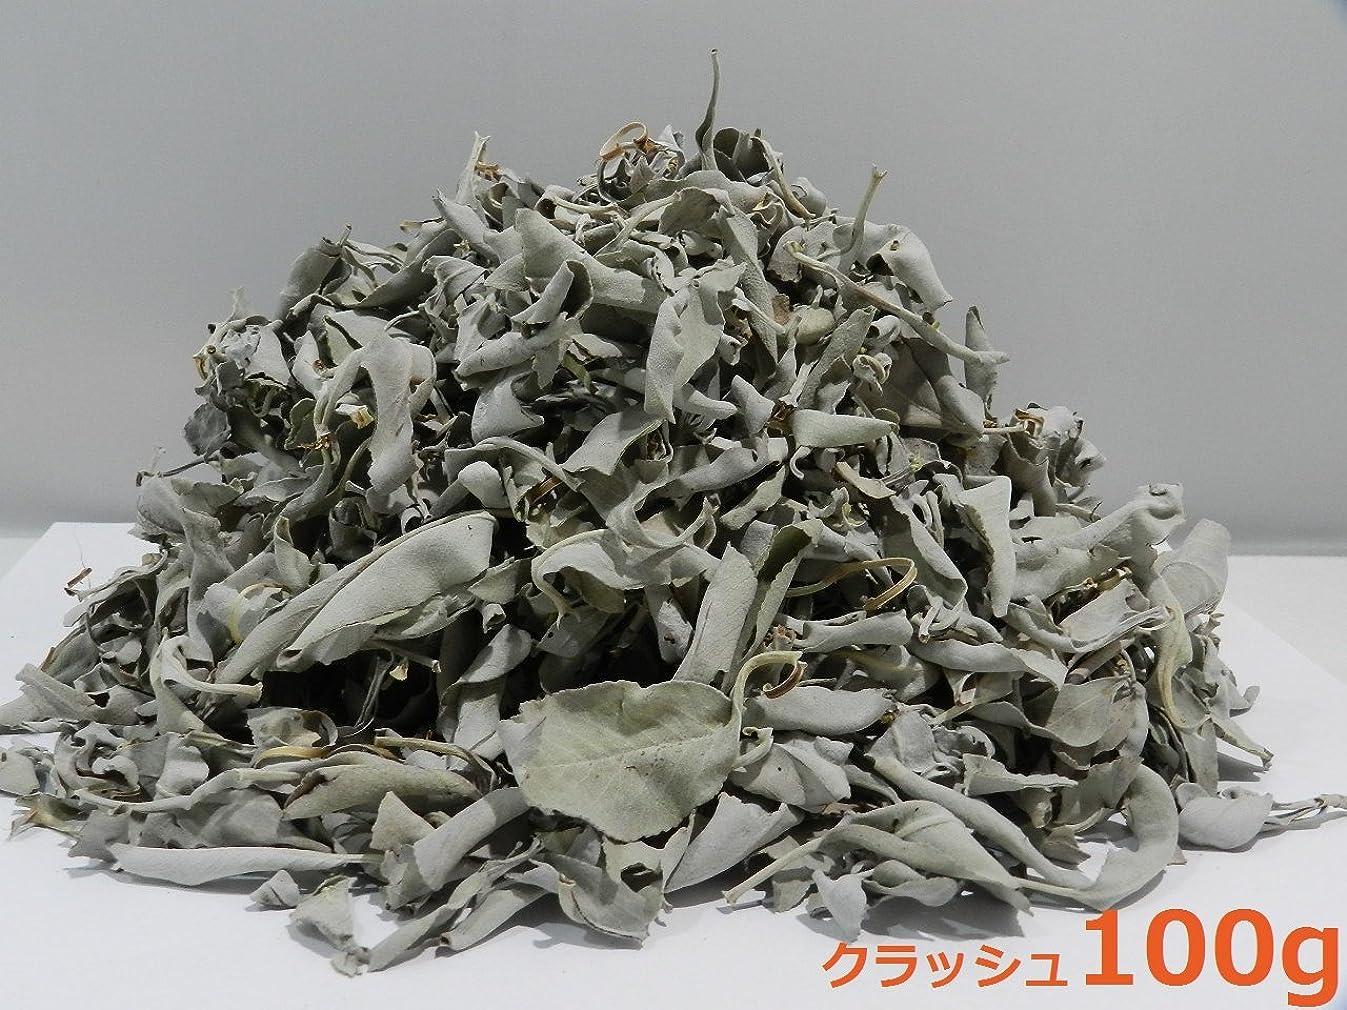 風邪をひく自己尊重大宇宙カリフォルニア産 浄化用 ホワイトセージ /White Sage クラッシュ 100g☆海外輸入品